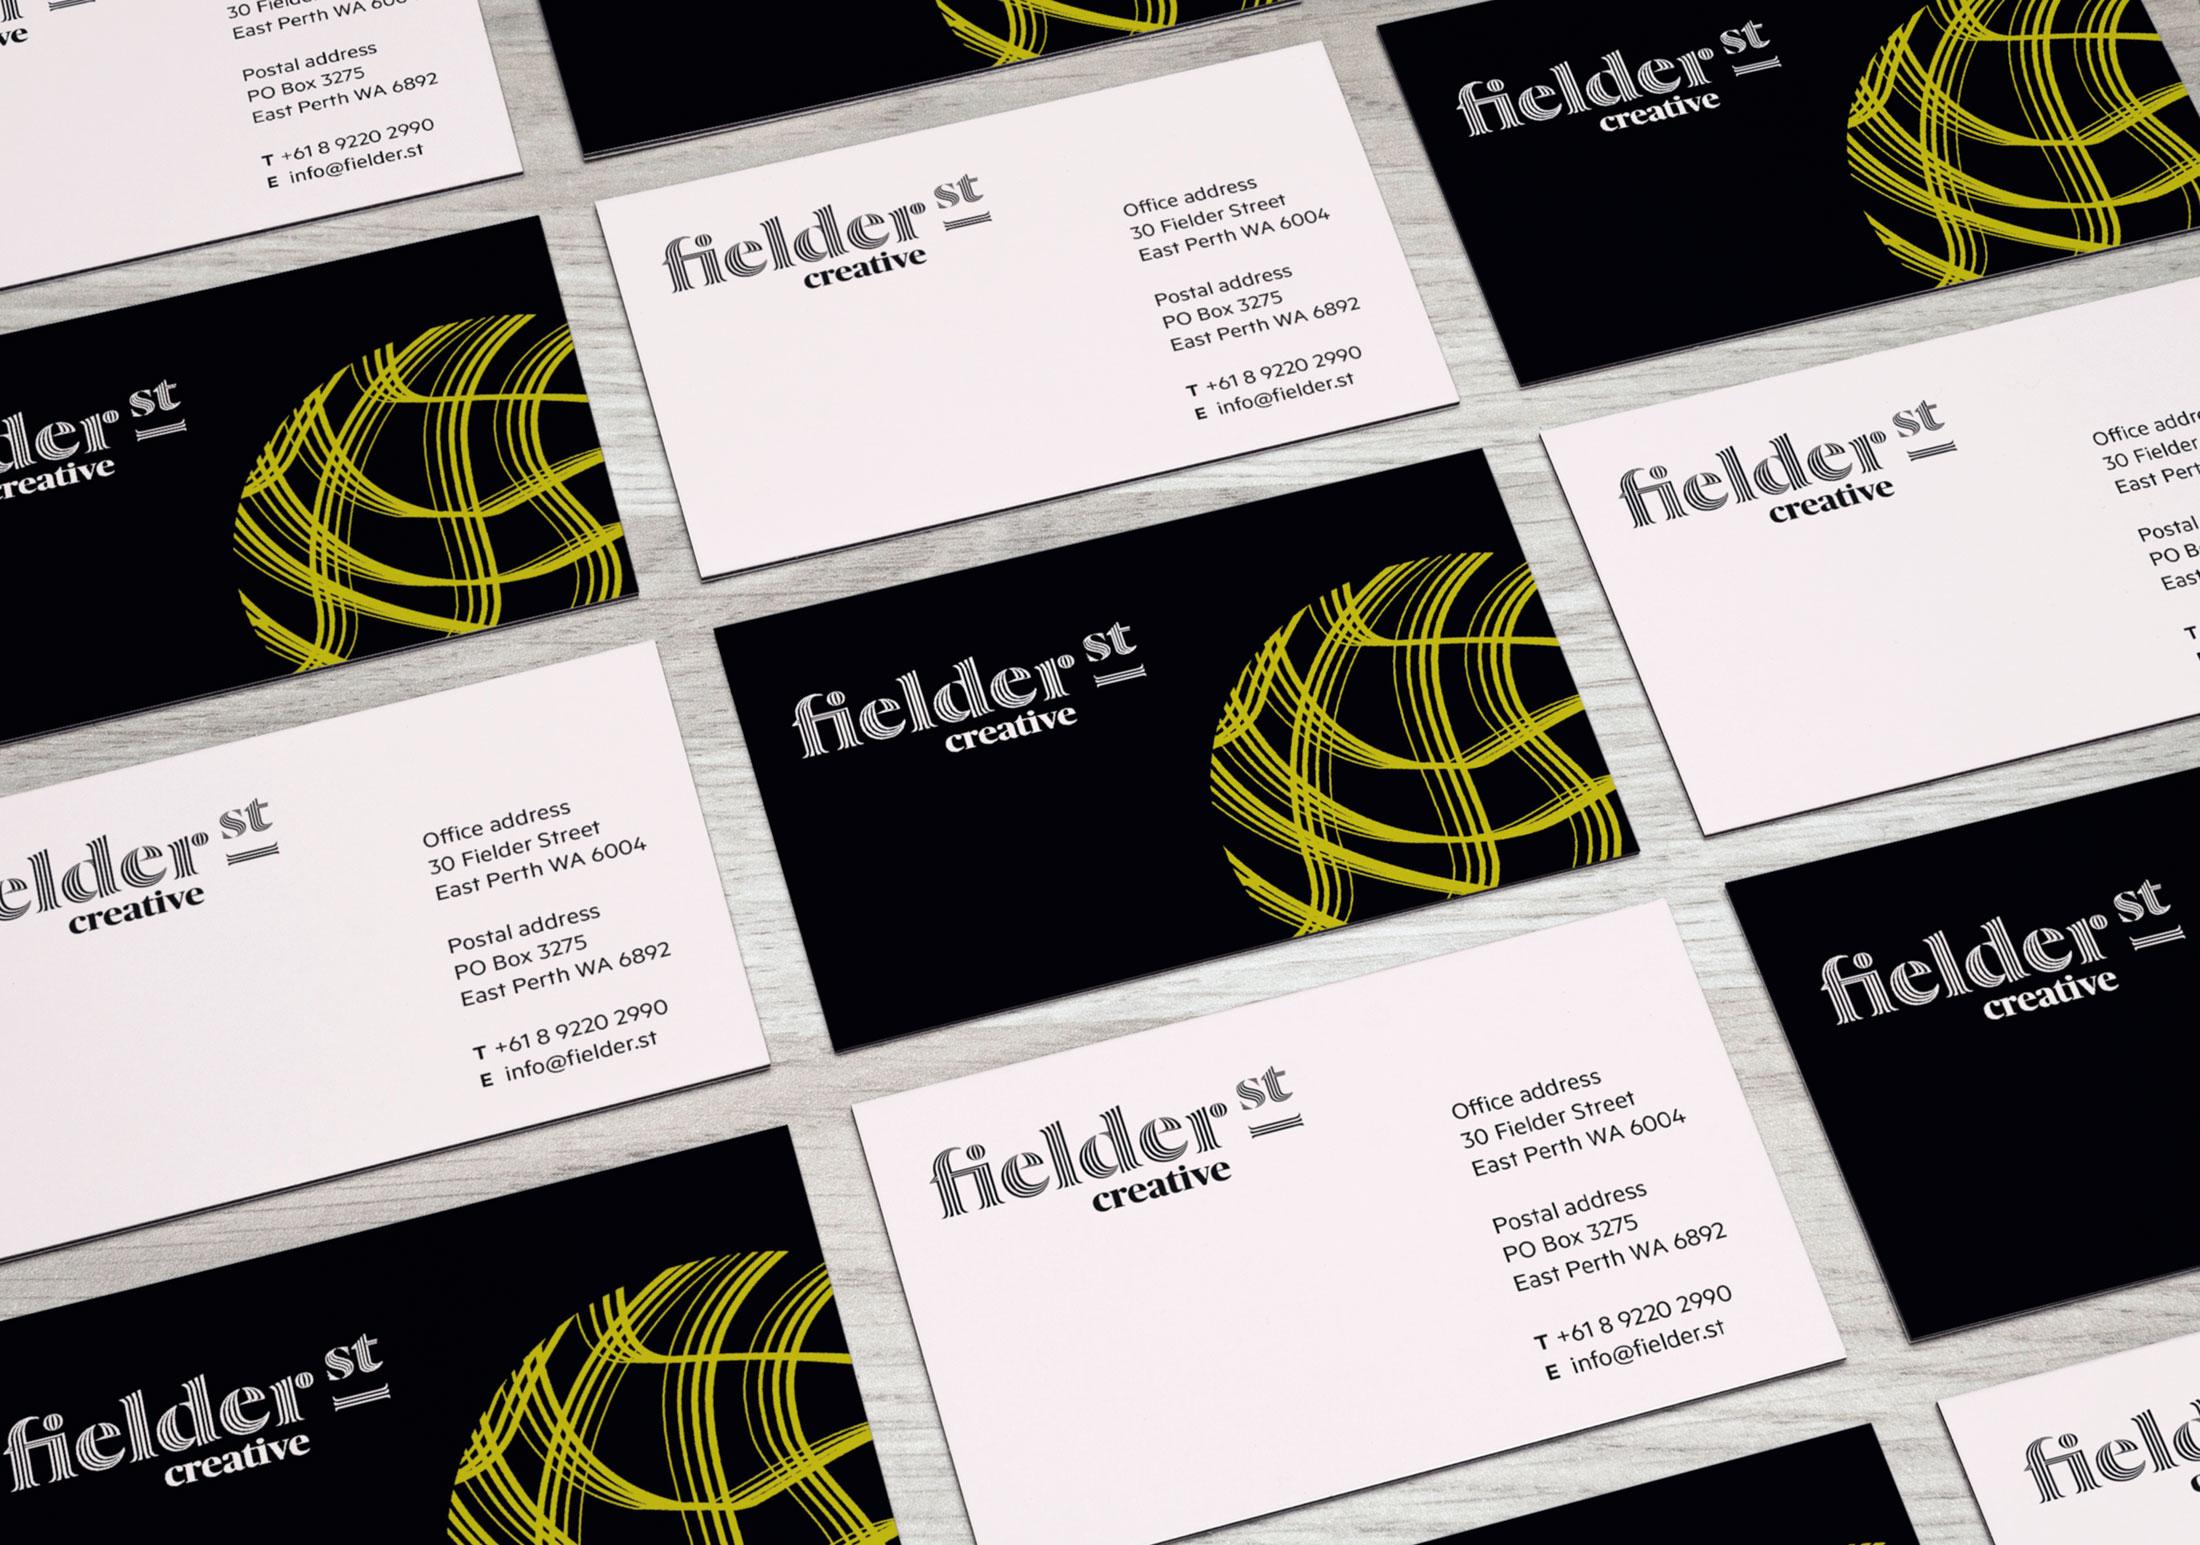 Fielder Street Creative – Business Cards